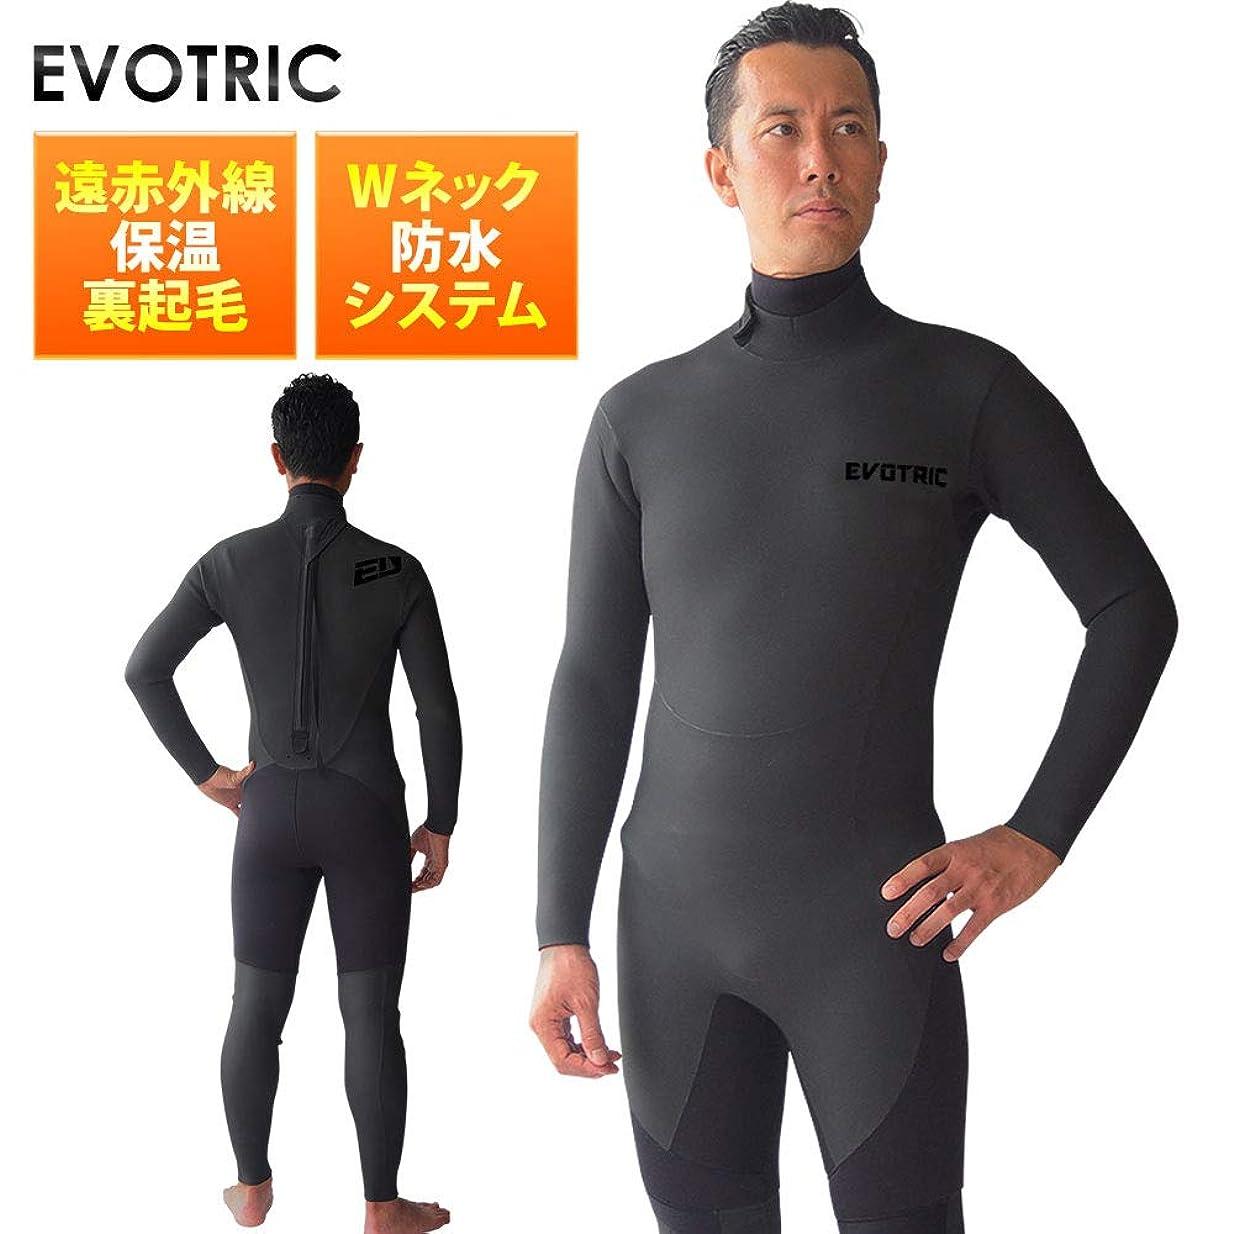 ペースト独裁者愛情セミドライスーツ ウェットスーツ メンズ セミドライ ウエットスーツ サーフィン EVOTRIC 5/3mm 保温起毛素材 バックジップ